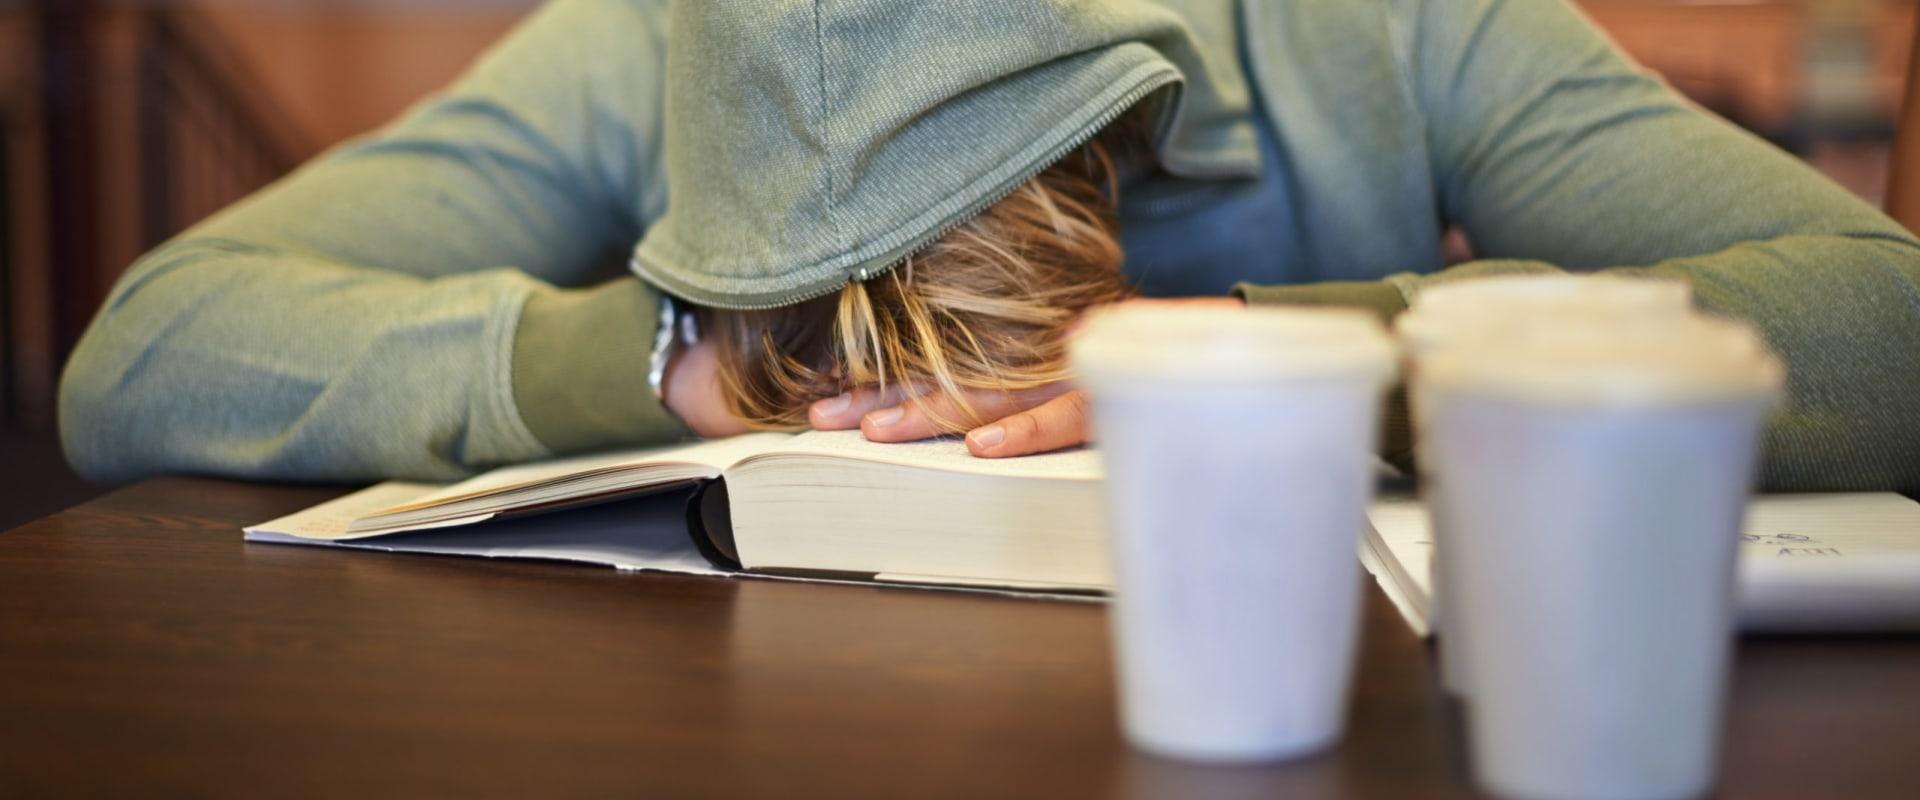 who sleeps the epidemic?